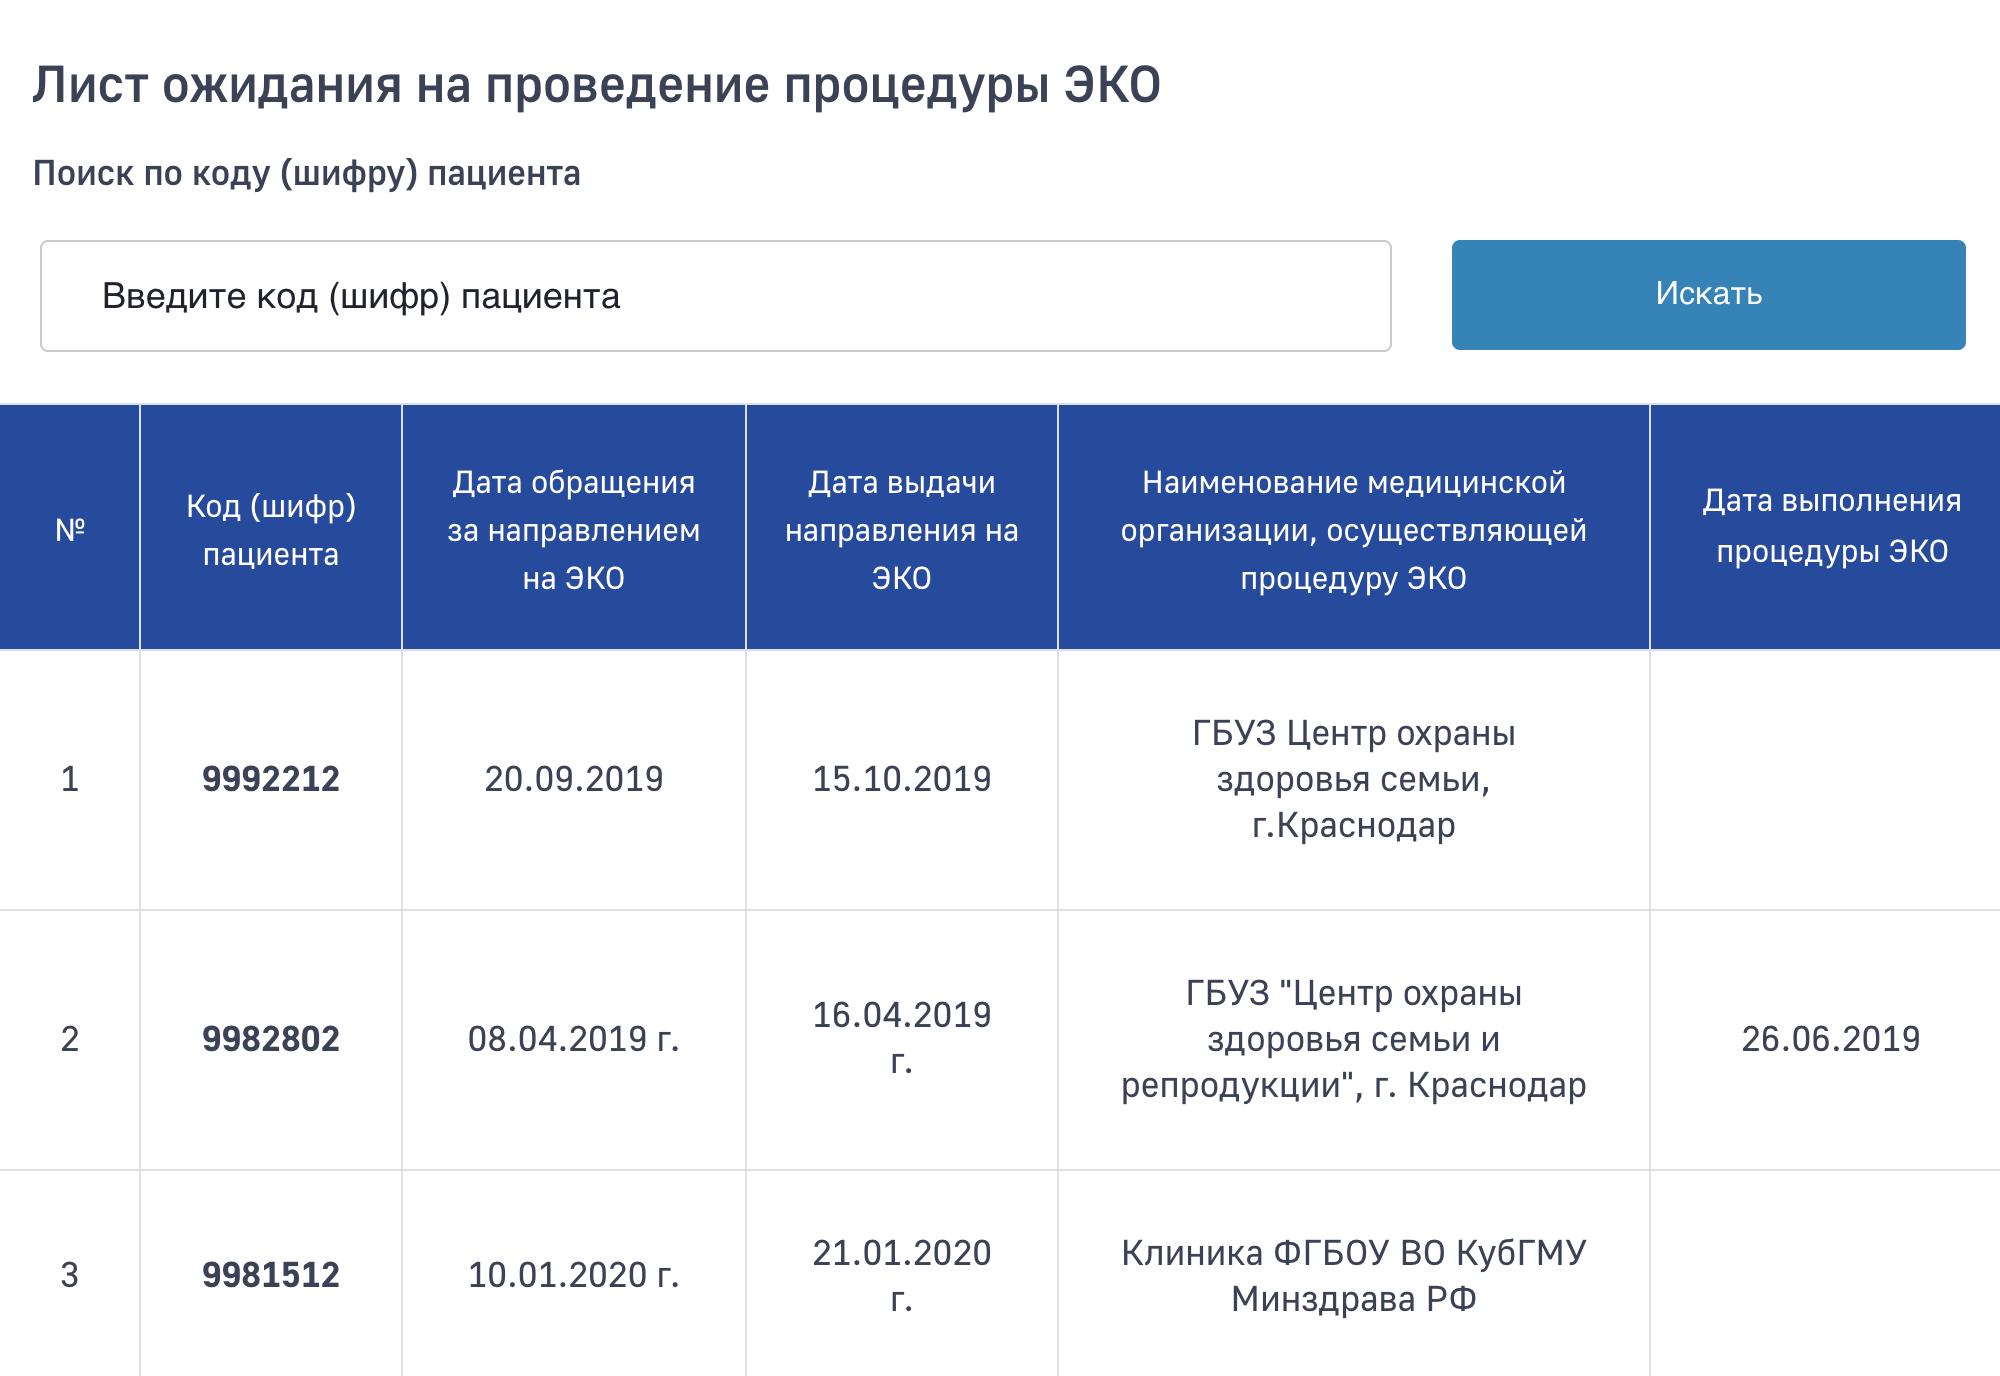 На сайте Минздрава Краснодарского края есть удобный поиск по шифру